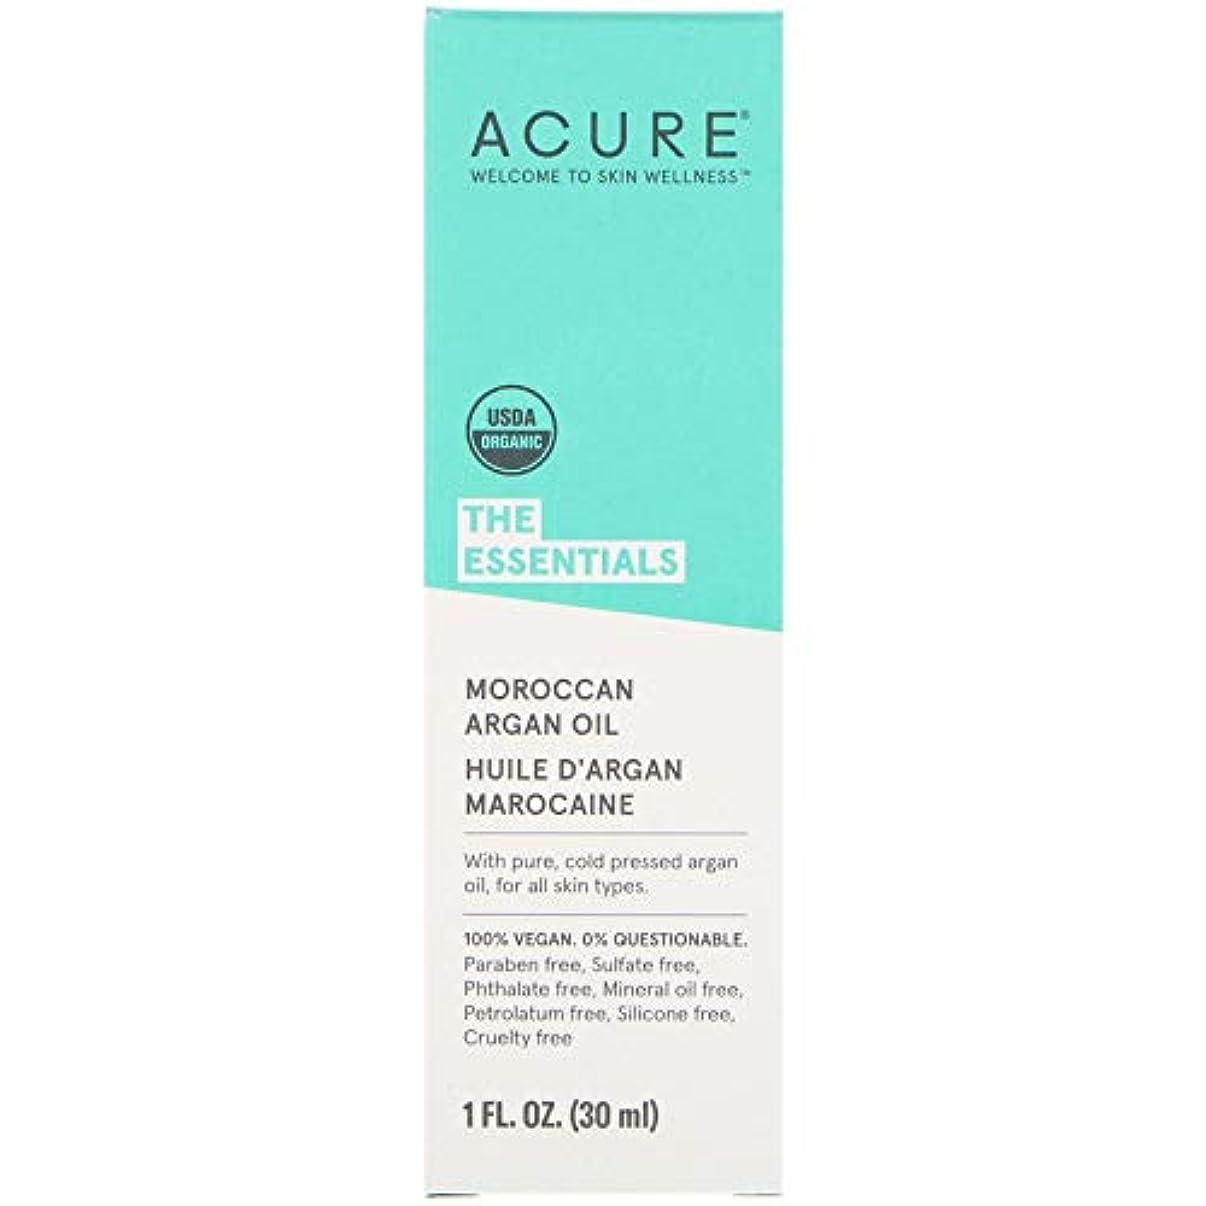 おとこ黄ばむ軽量Acure Organics オーガニック モロッコ産 アルガンオイル 30ml x 3本セット [並行輸入品]